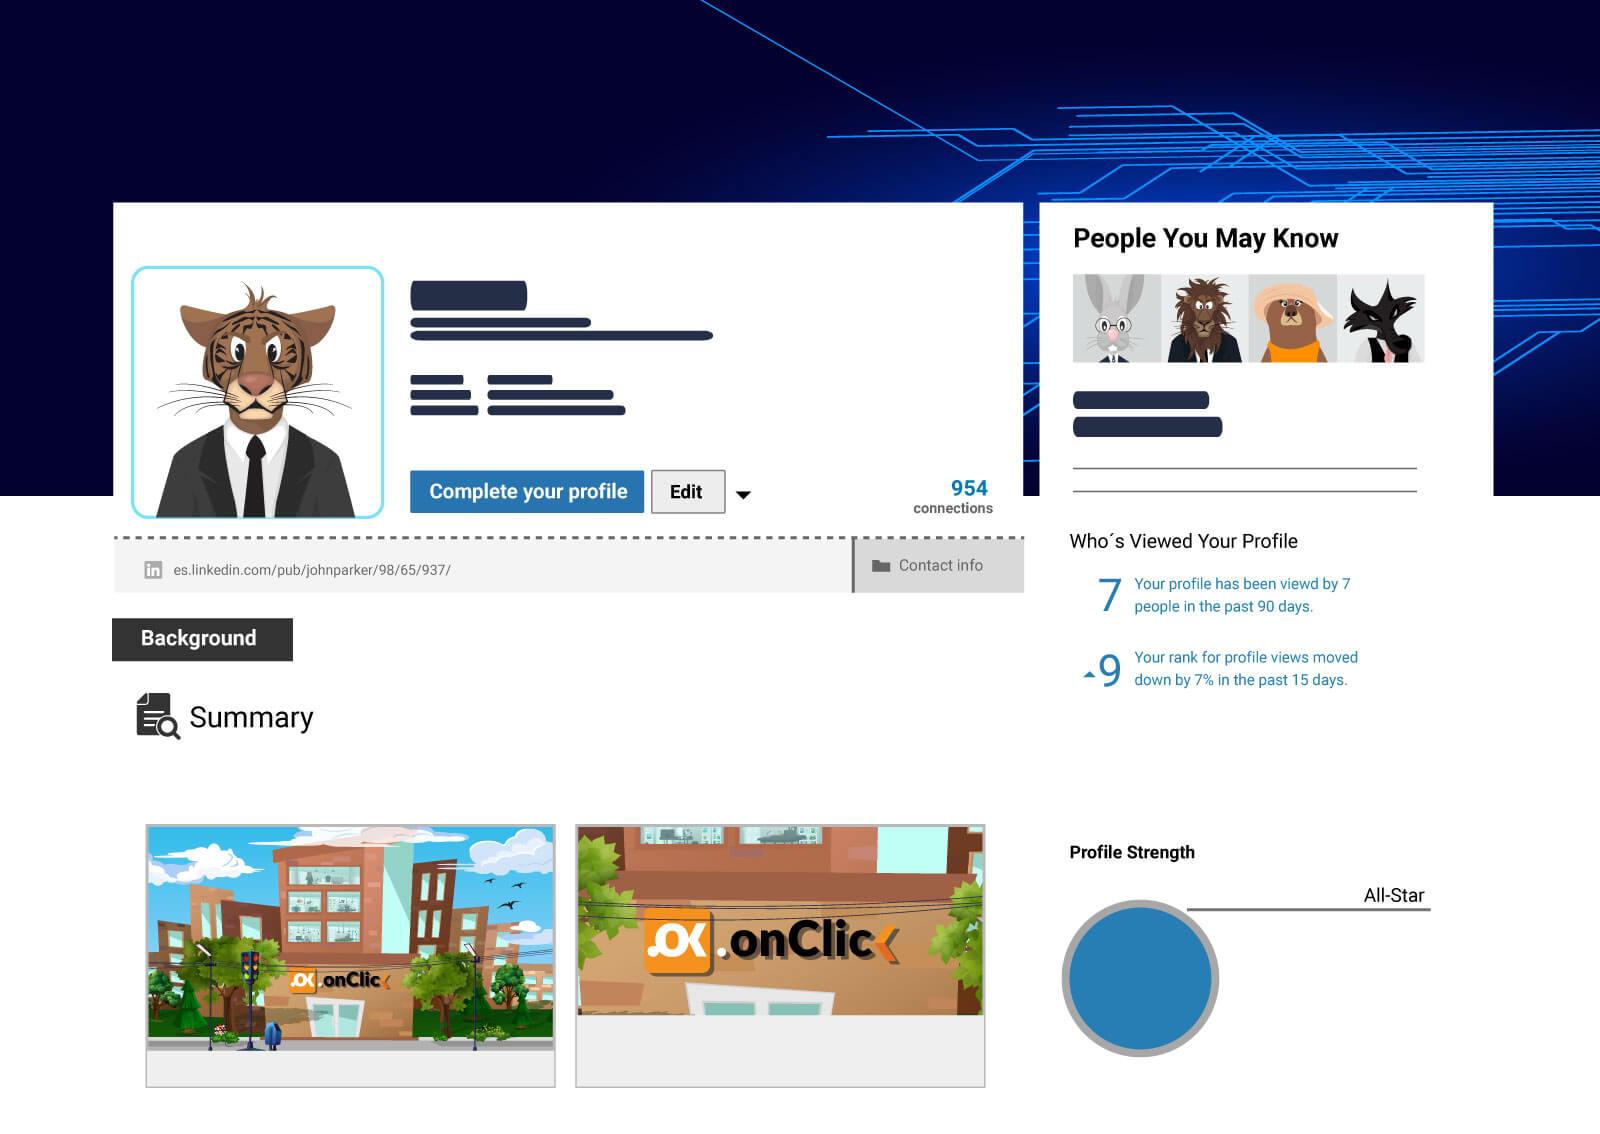 Ilustracija profila tigra na LinkedIn-u, predlog prijatelja, opis, kao i slike Web servisa naKlik